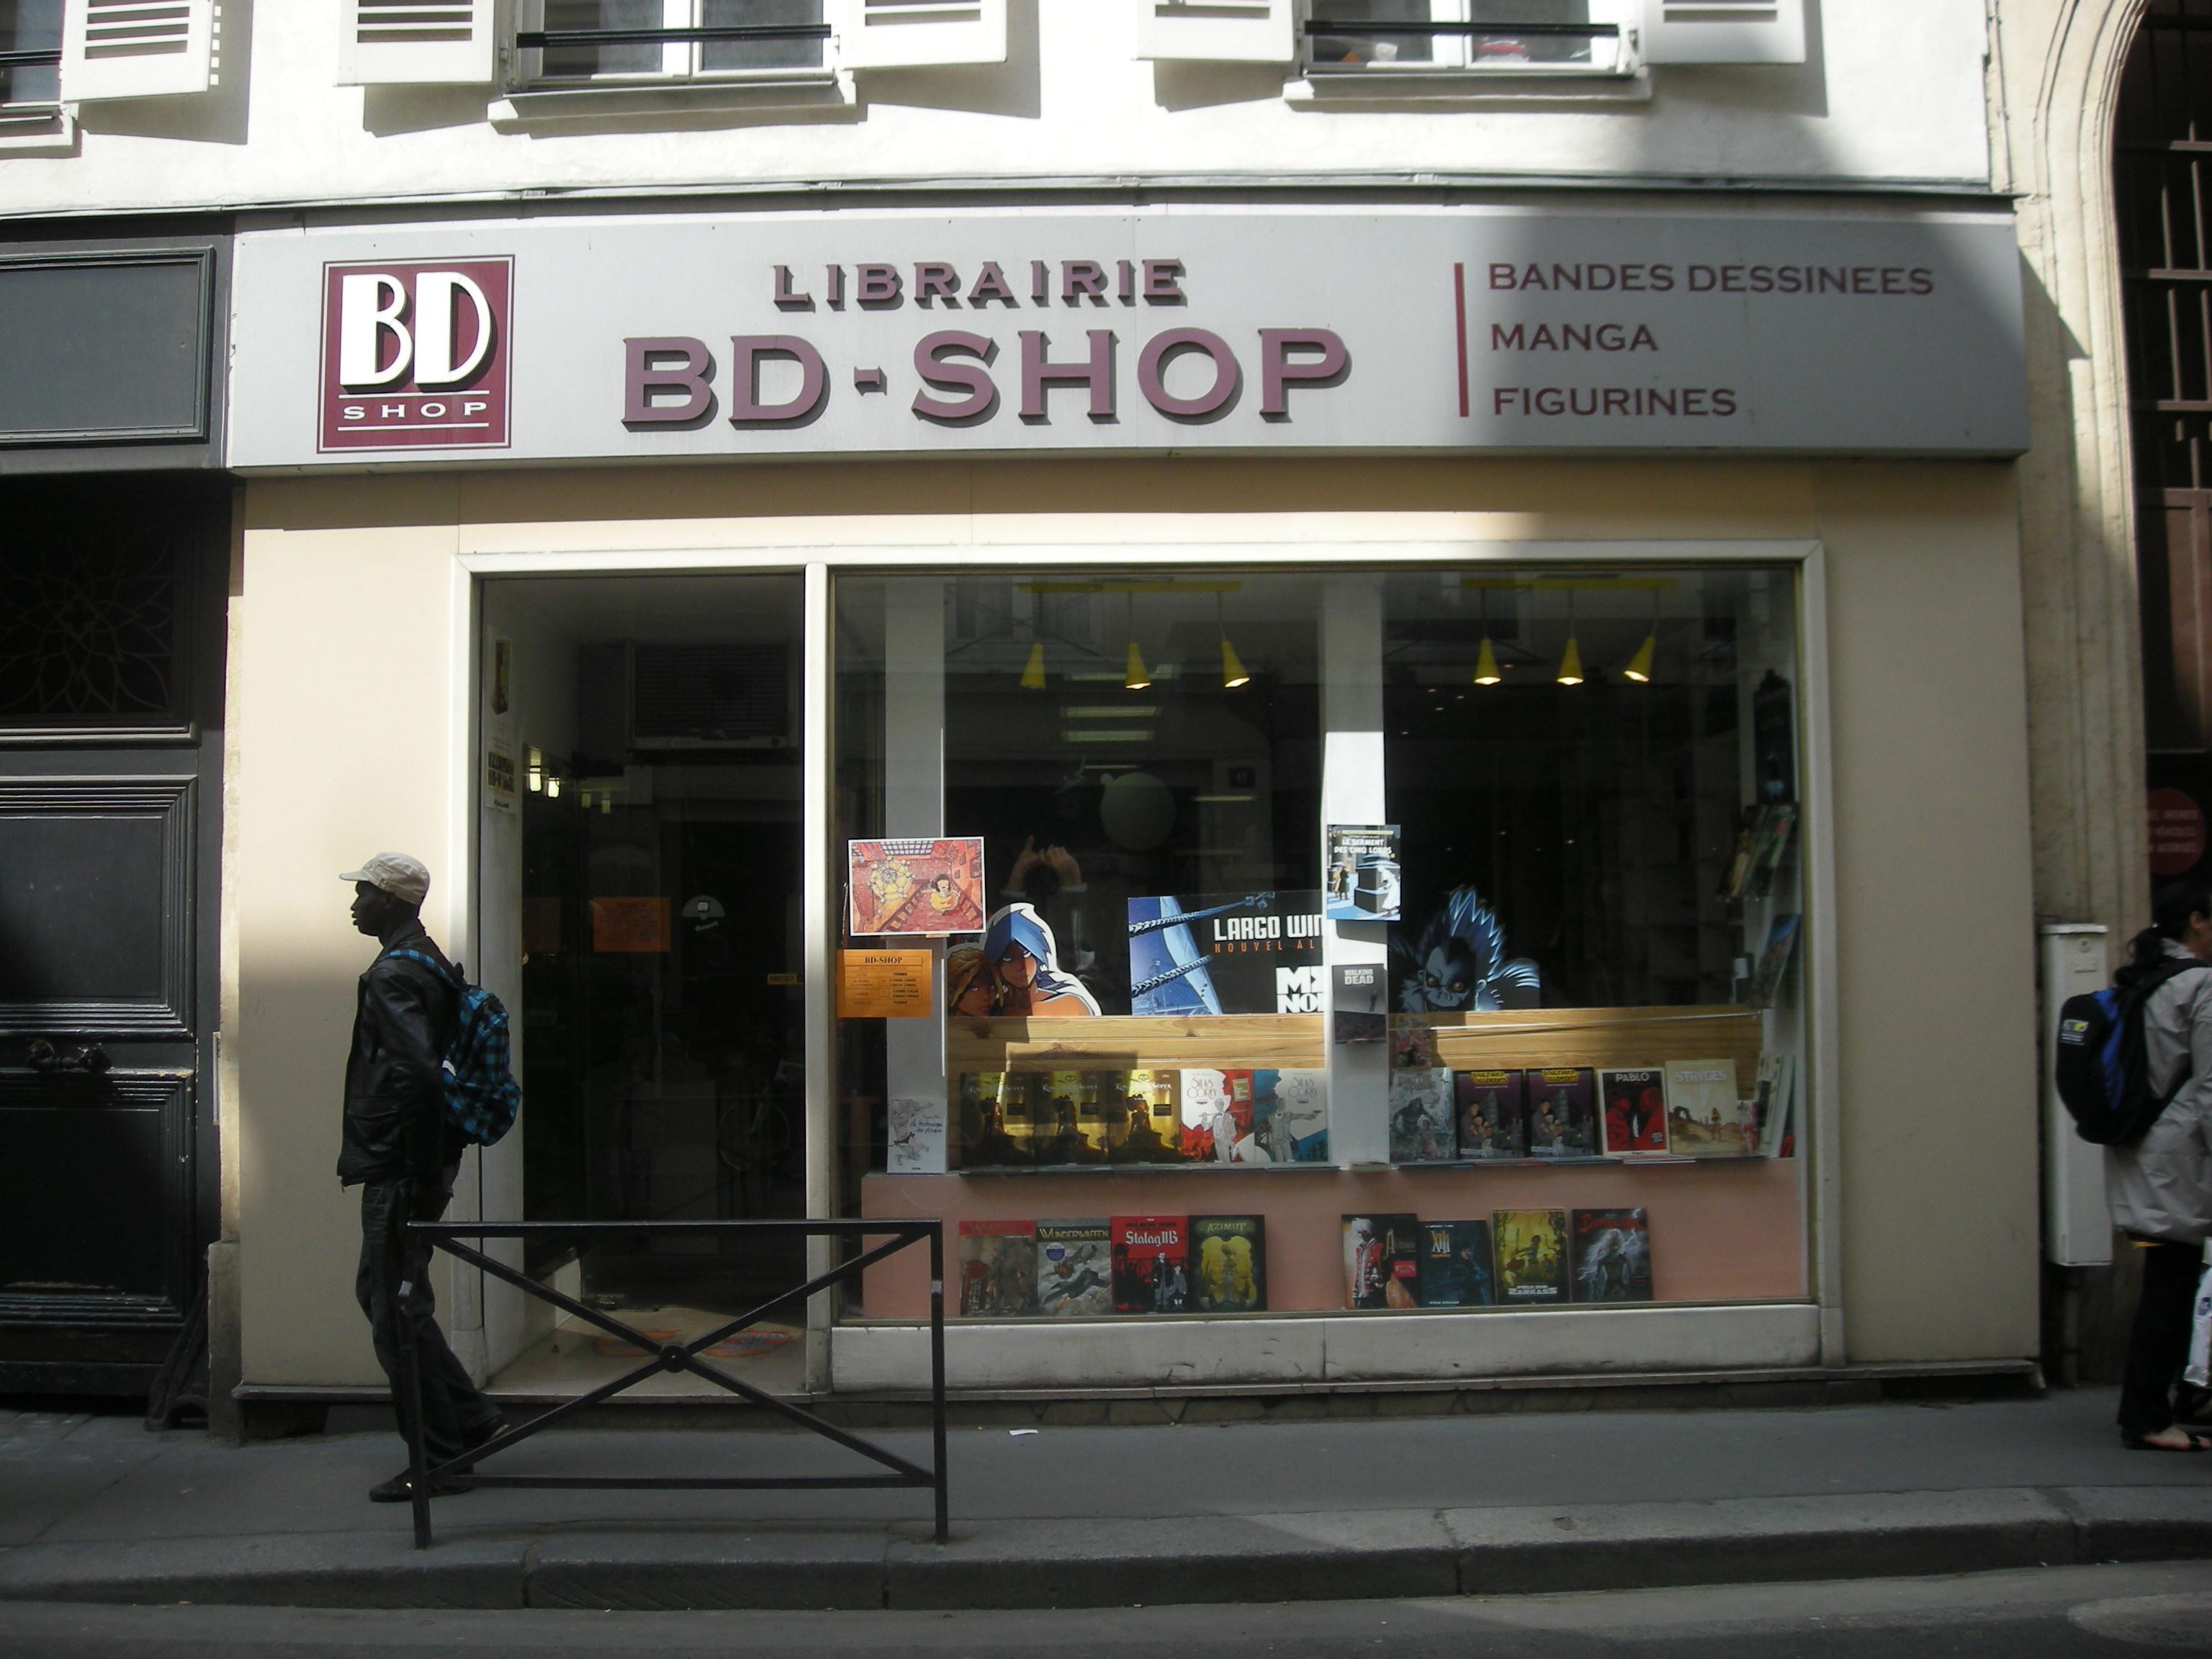 bd shop